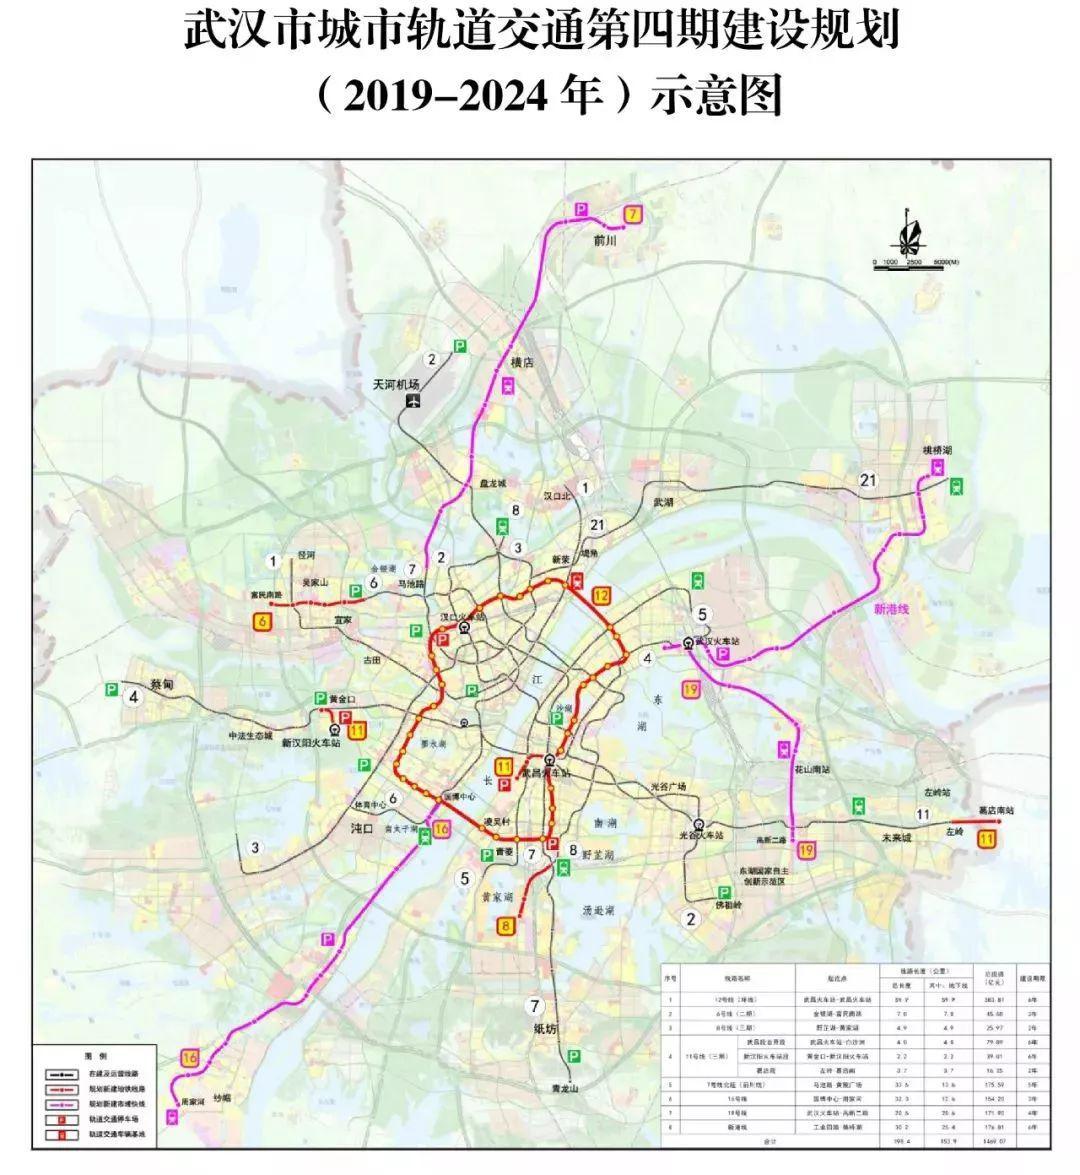 玉林市最新公路规划图